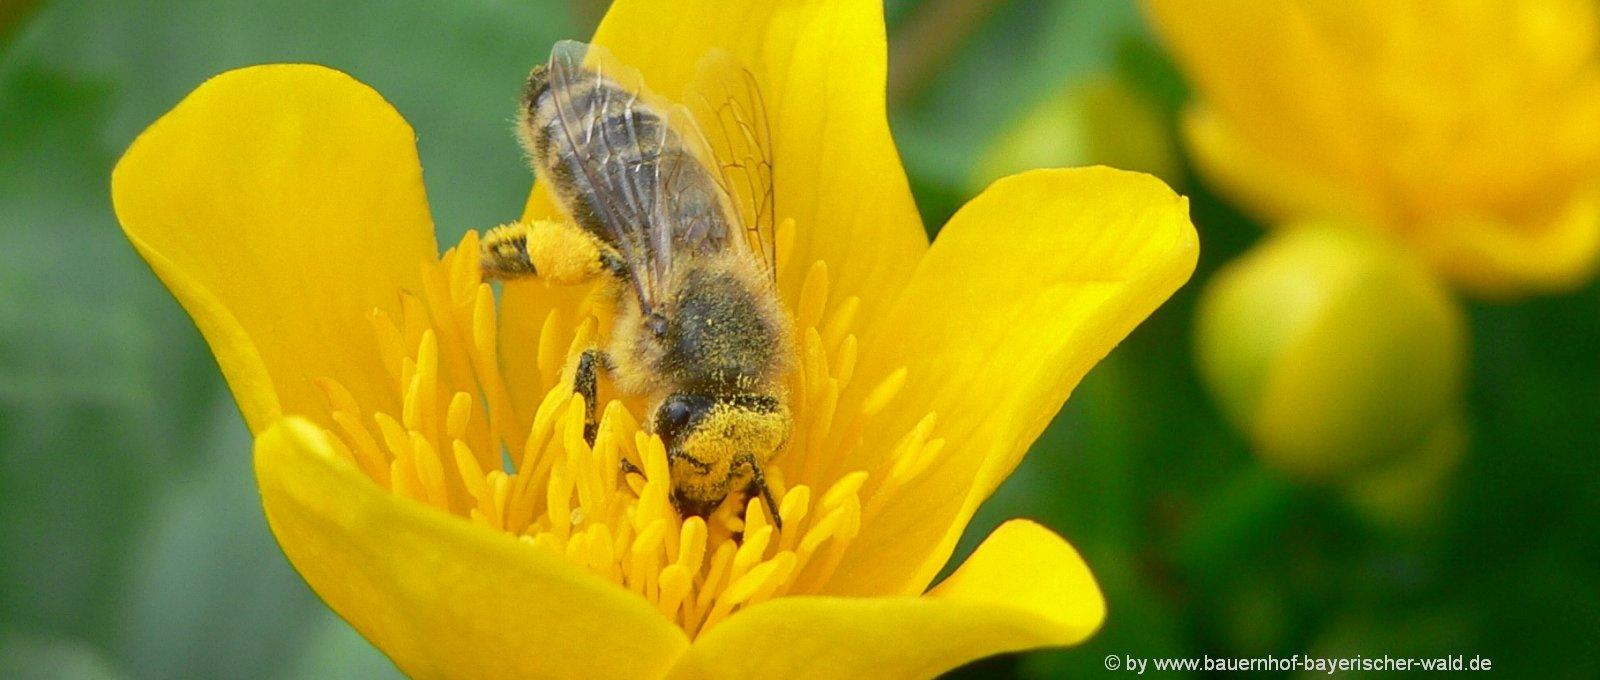 schöne Naturfotos kostenlose Blumenbilder Pflanzen Fotos